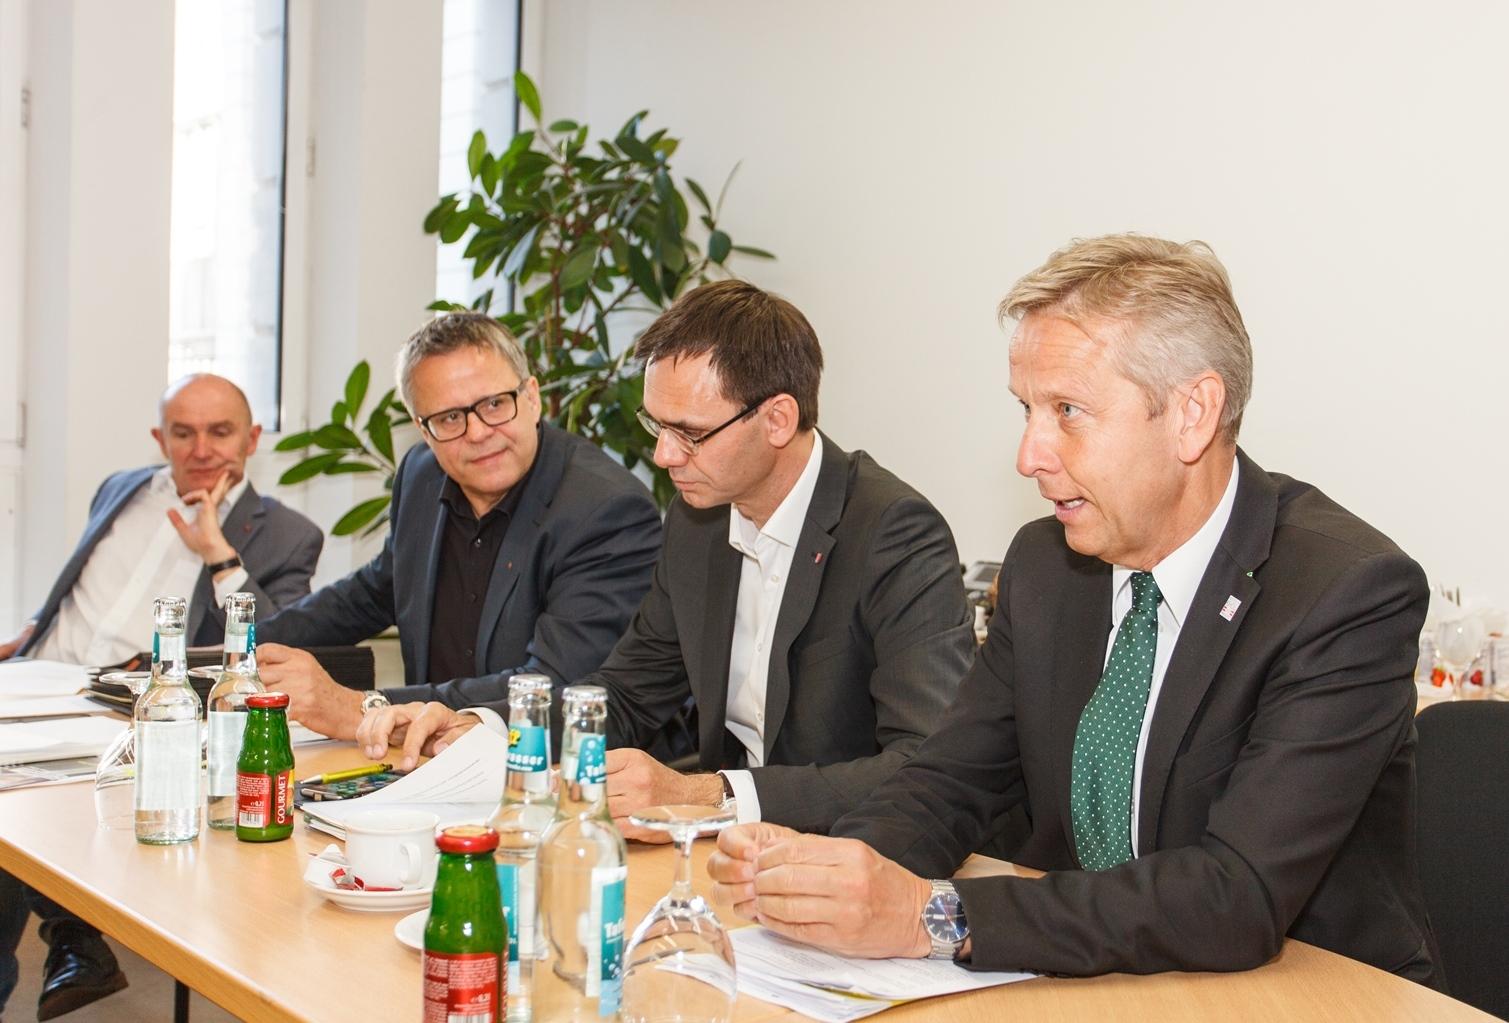 (c) Vorarlberger Volkspartei